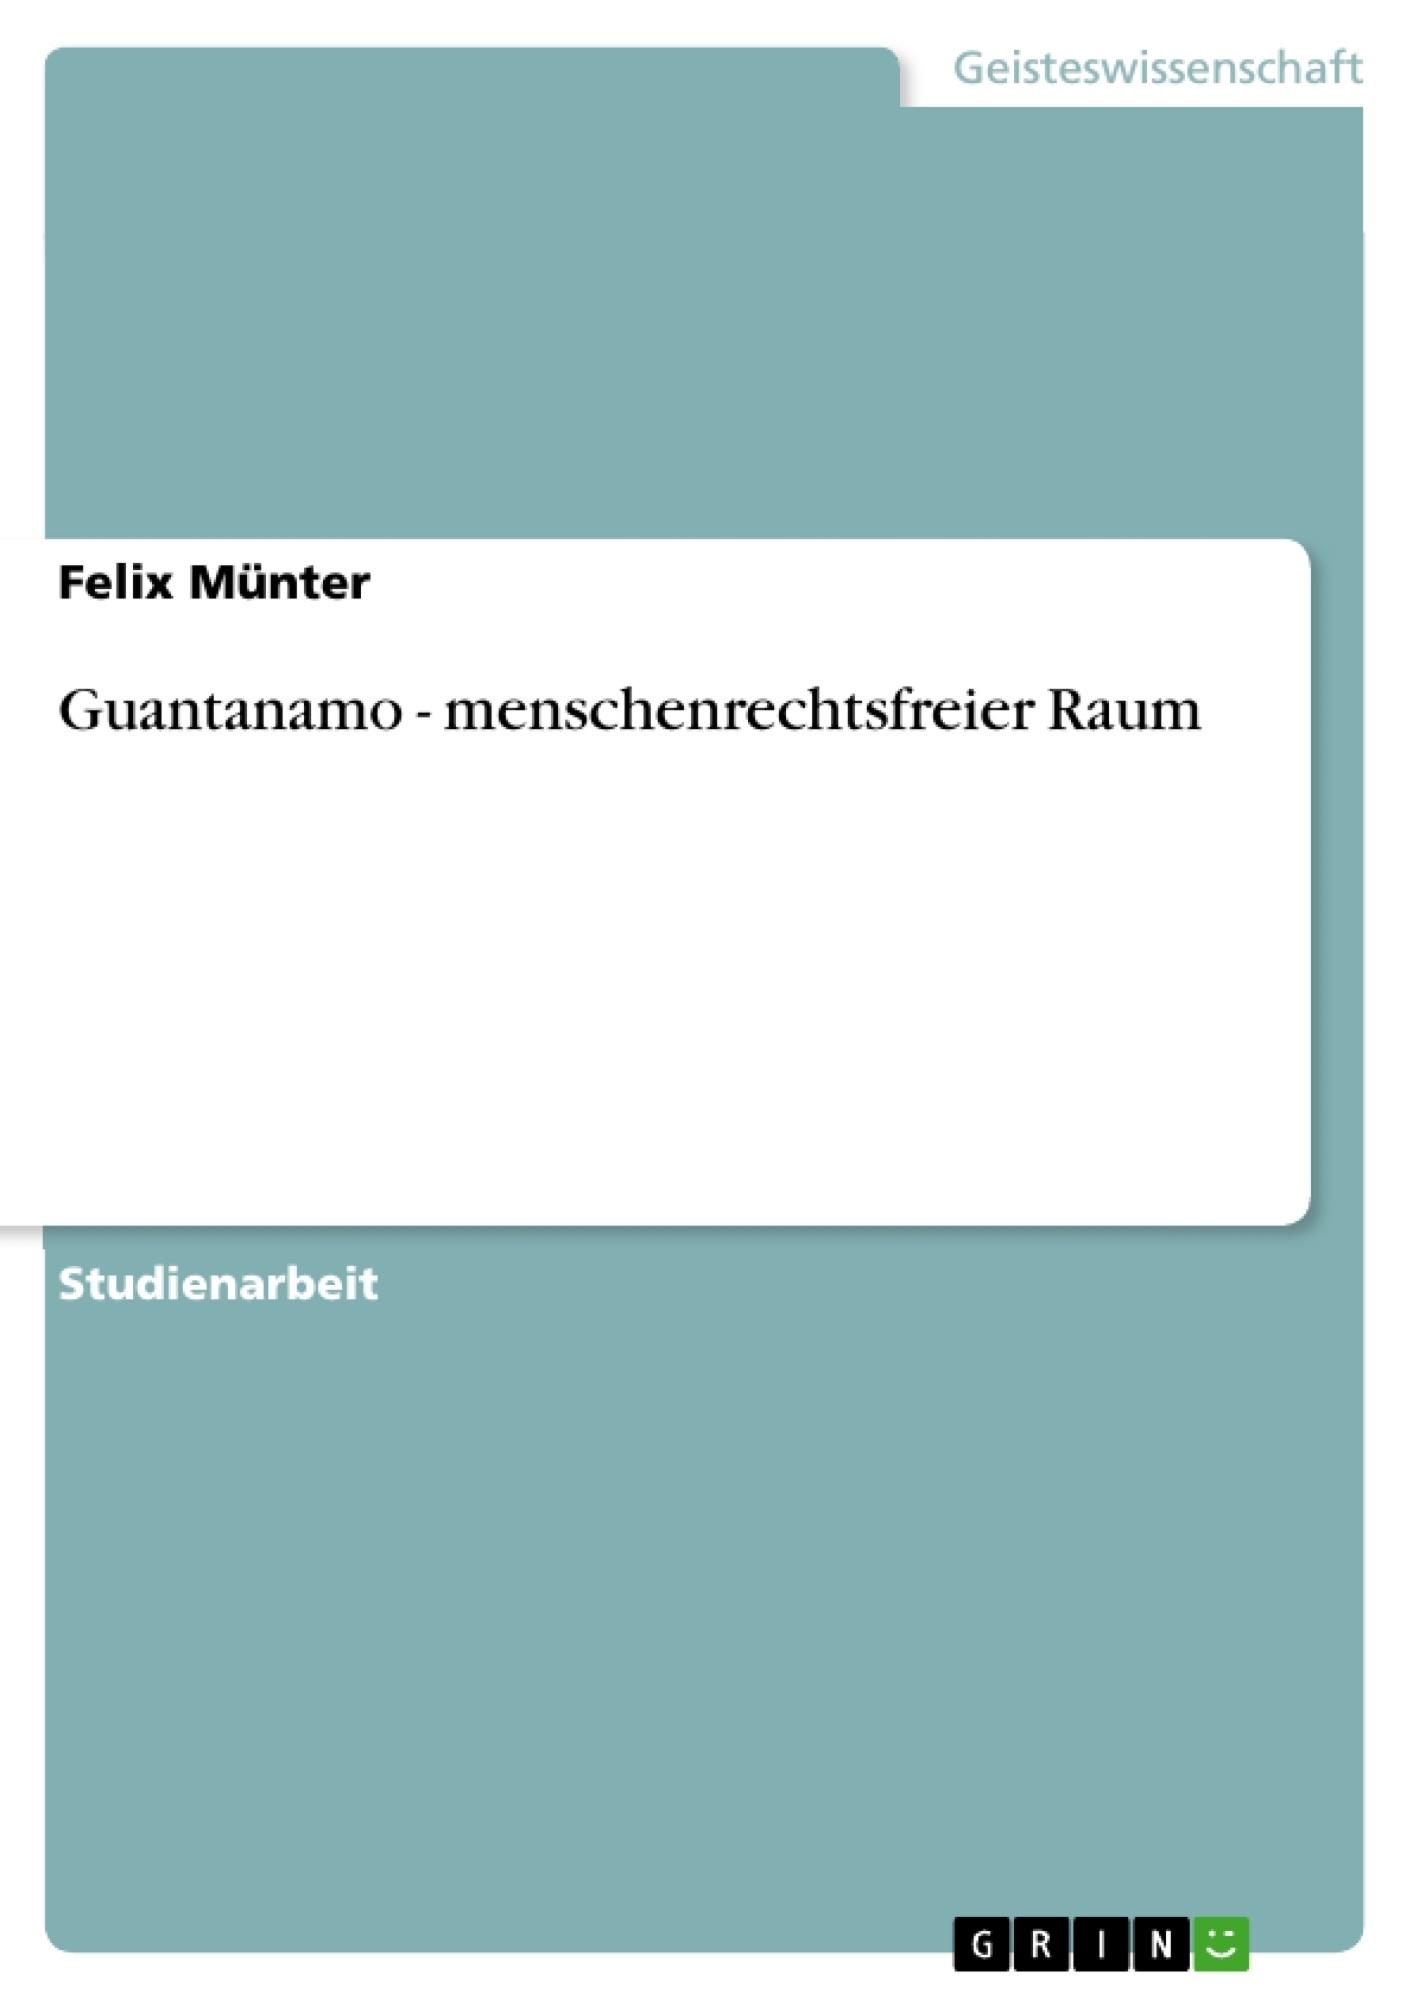 Titel: Guantanamo -  menschenrechtsfreier Raum